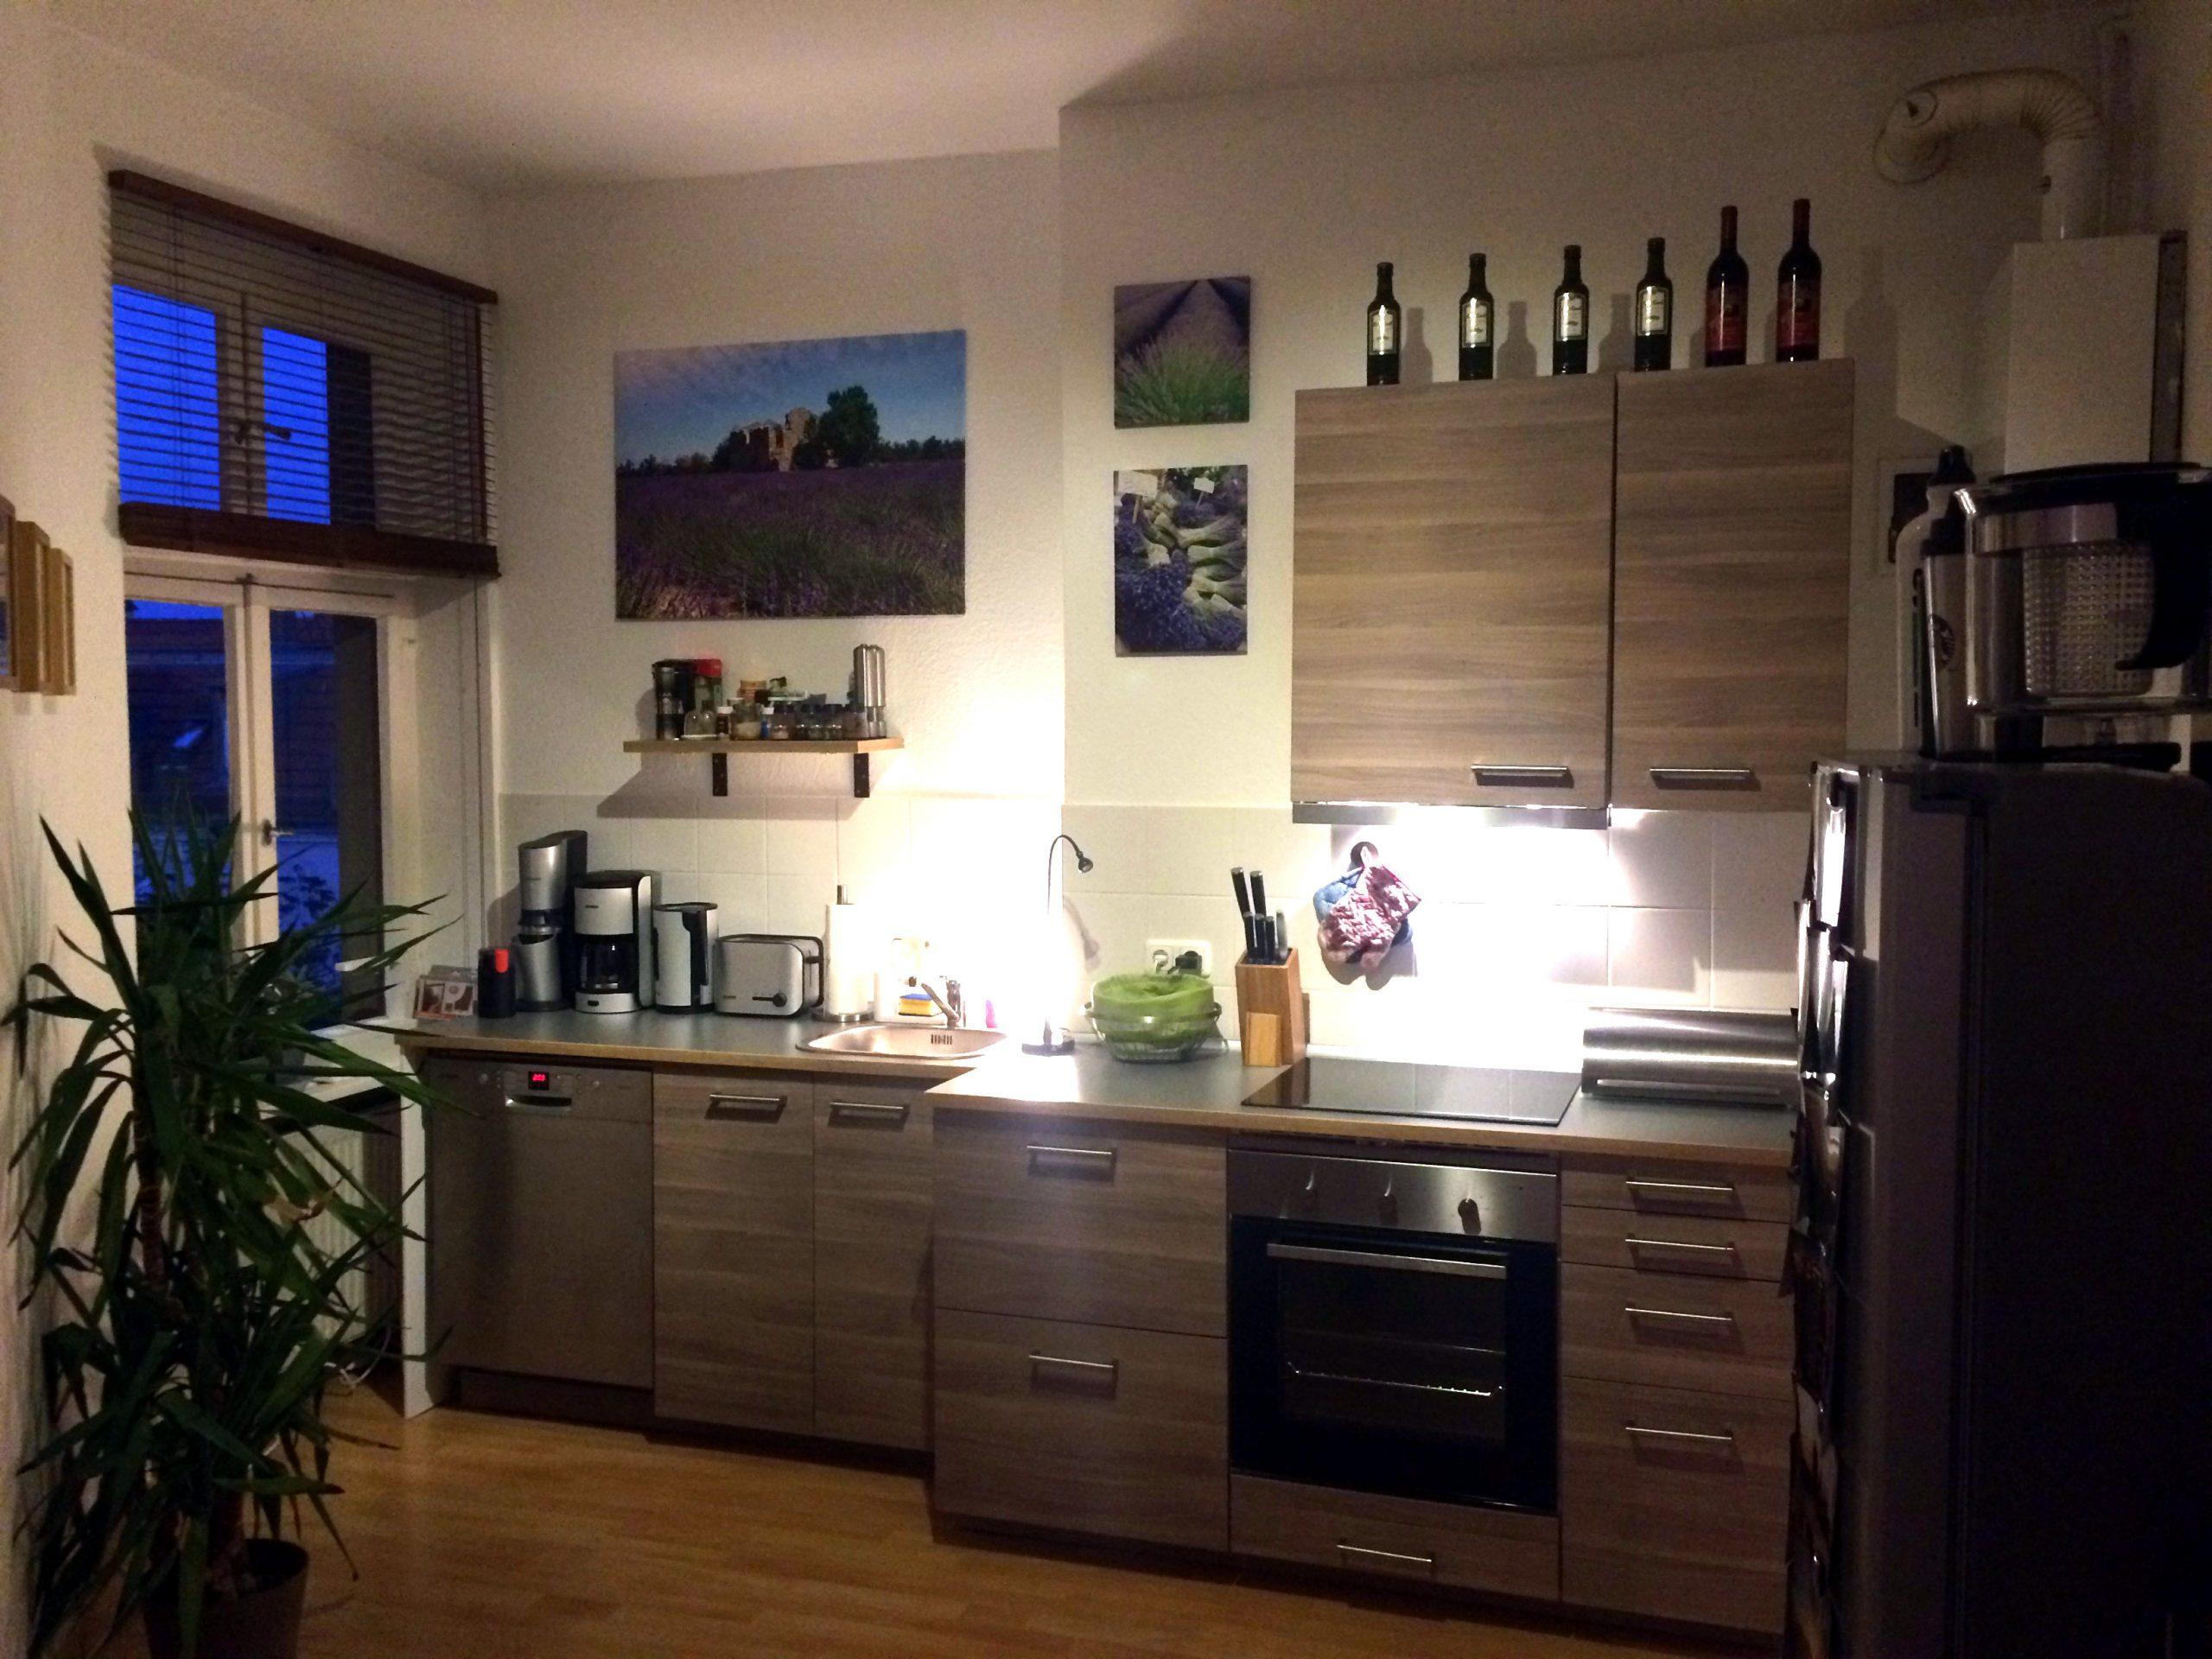 Full Size of Gebrauchte Küche Kaufen Sideboard Mit Arbeitsplatte Ohne Geräte Rückwand Glas Pantryküche Sitzecke Landhaus Spüle Kurzzeitmesser Doppelblock Unterschrank Küche Küche Umziehen